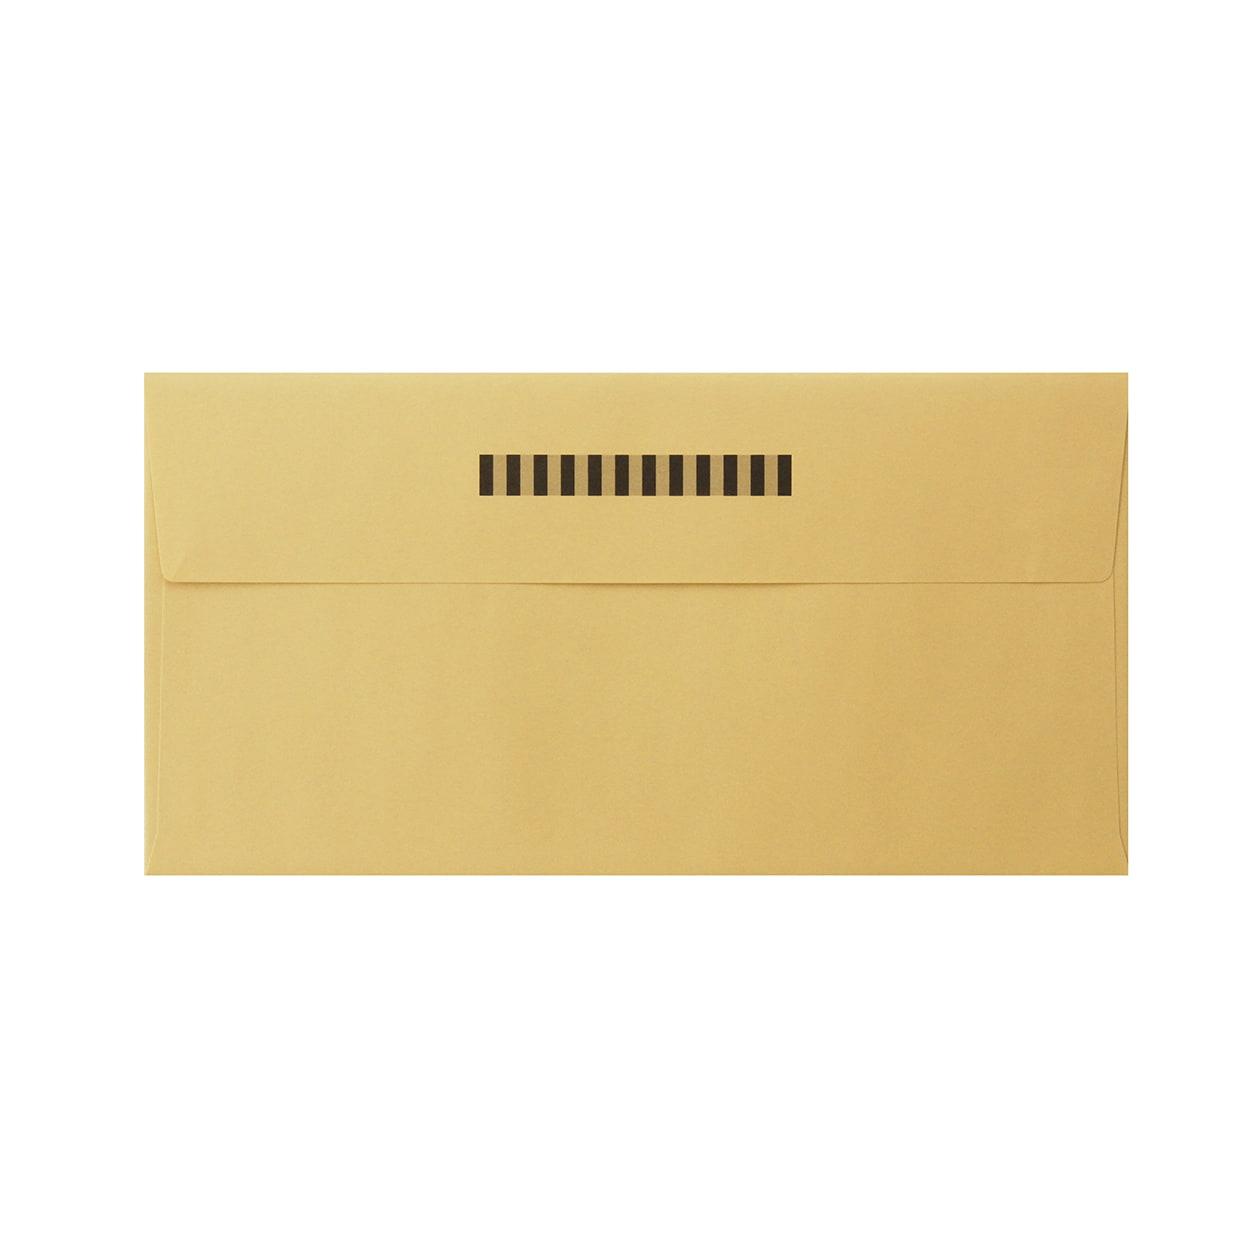 見本 00003 長3カマス封筒 上質カラー ゴールド 97.4g